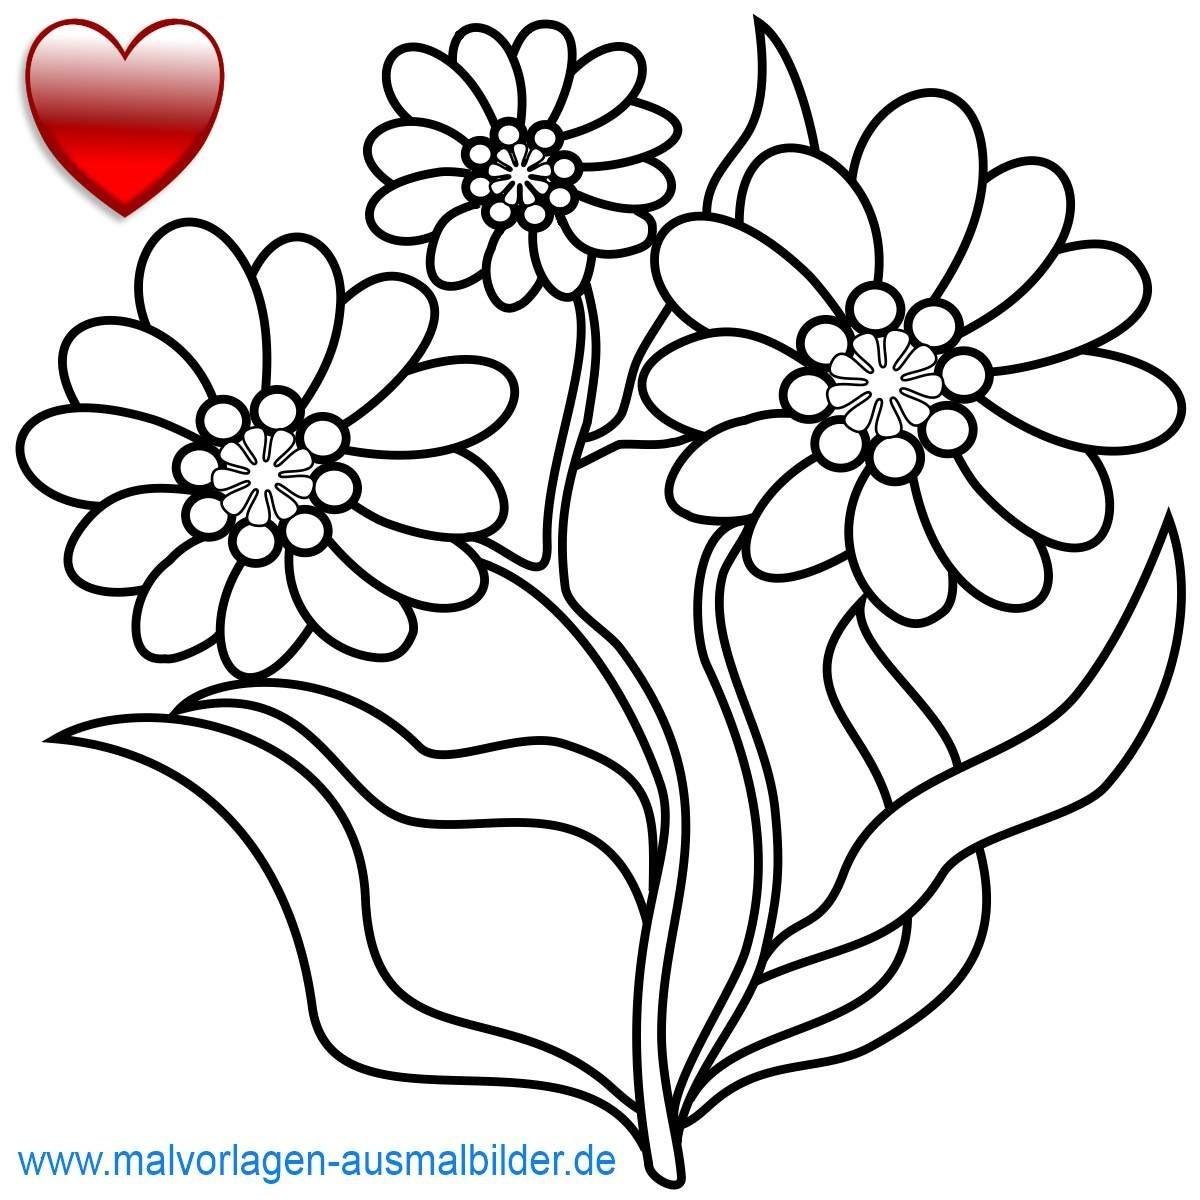 Malvorlagen Blumen Ranken Kostenlos Neu Karte Blumen Neuestes S S Media Cache Ak0 Pinimg originals 0d F2 3a Stock